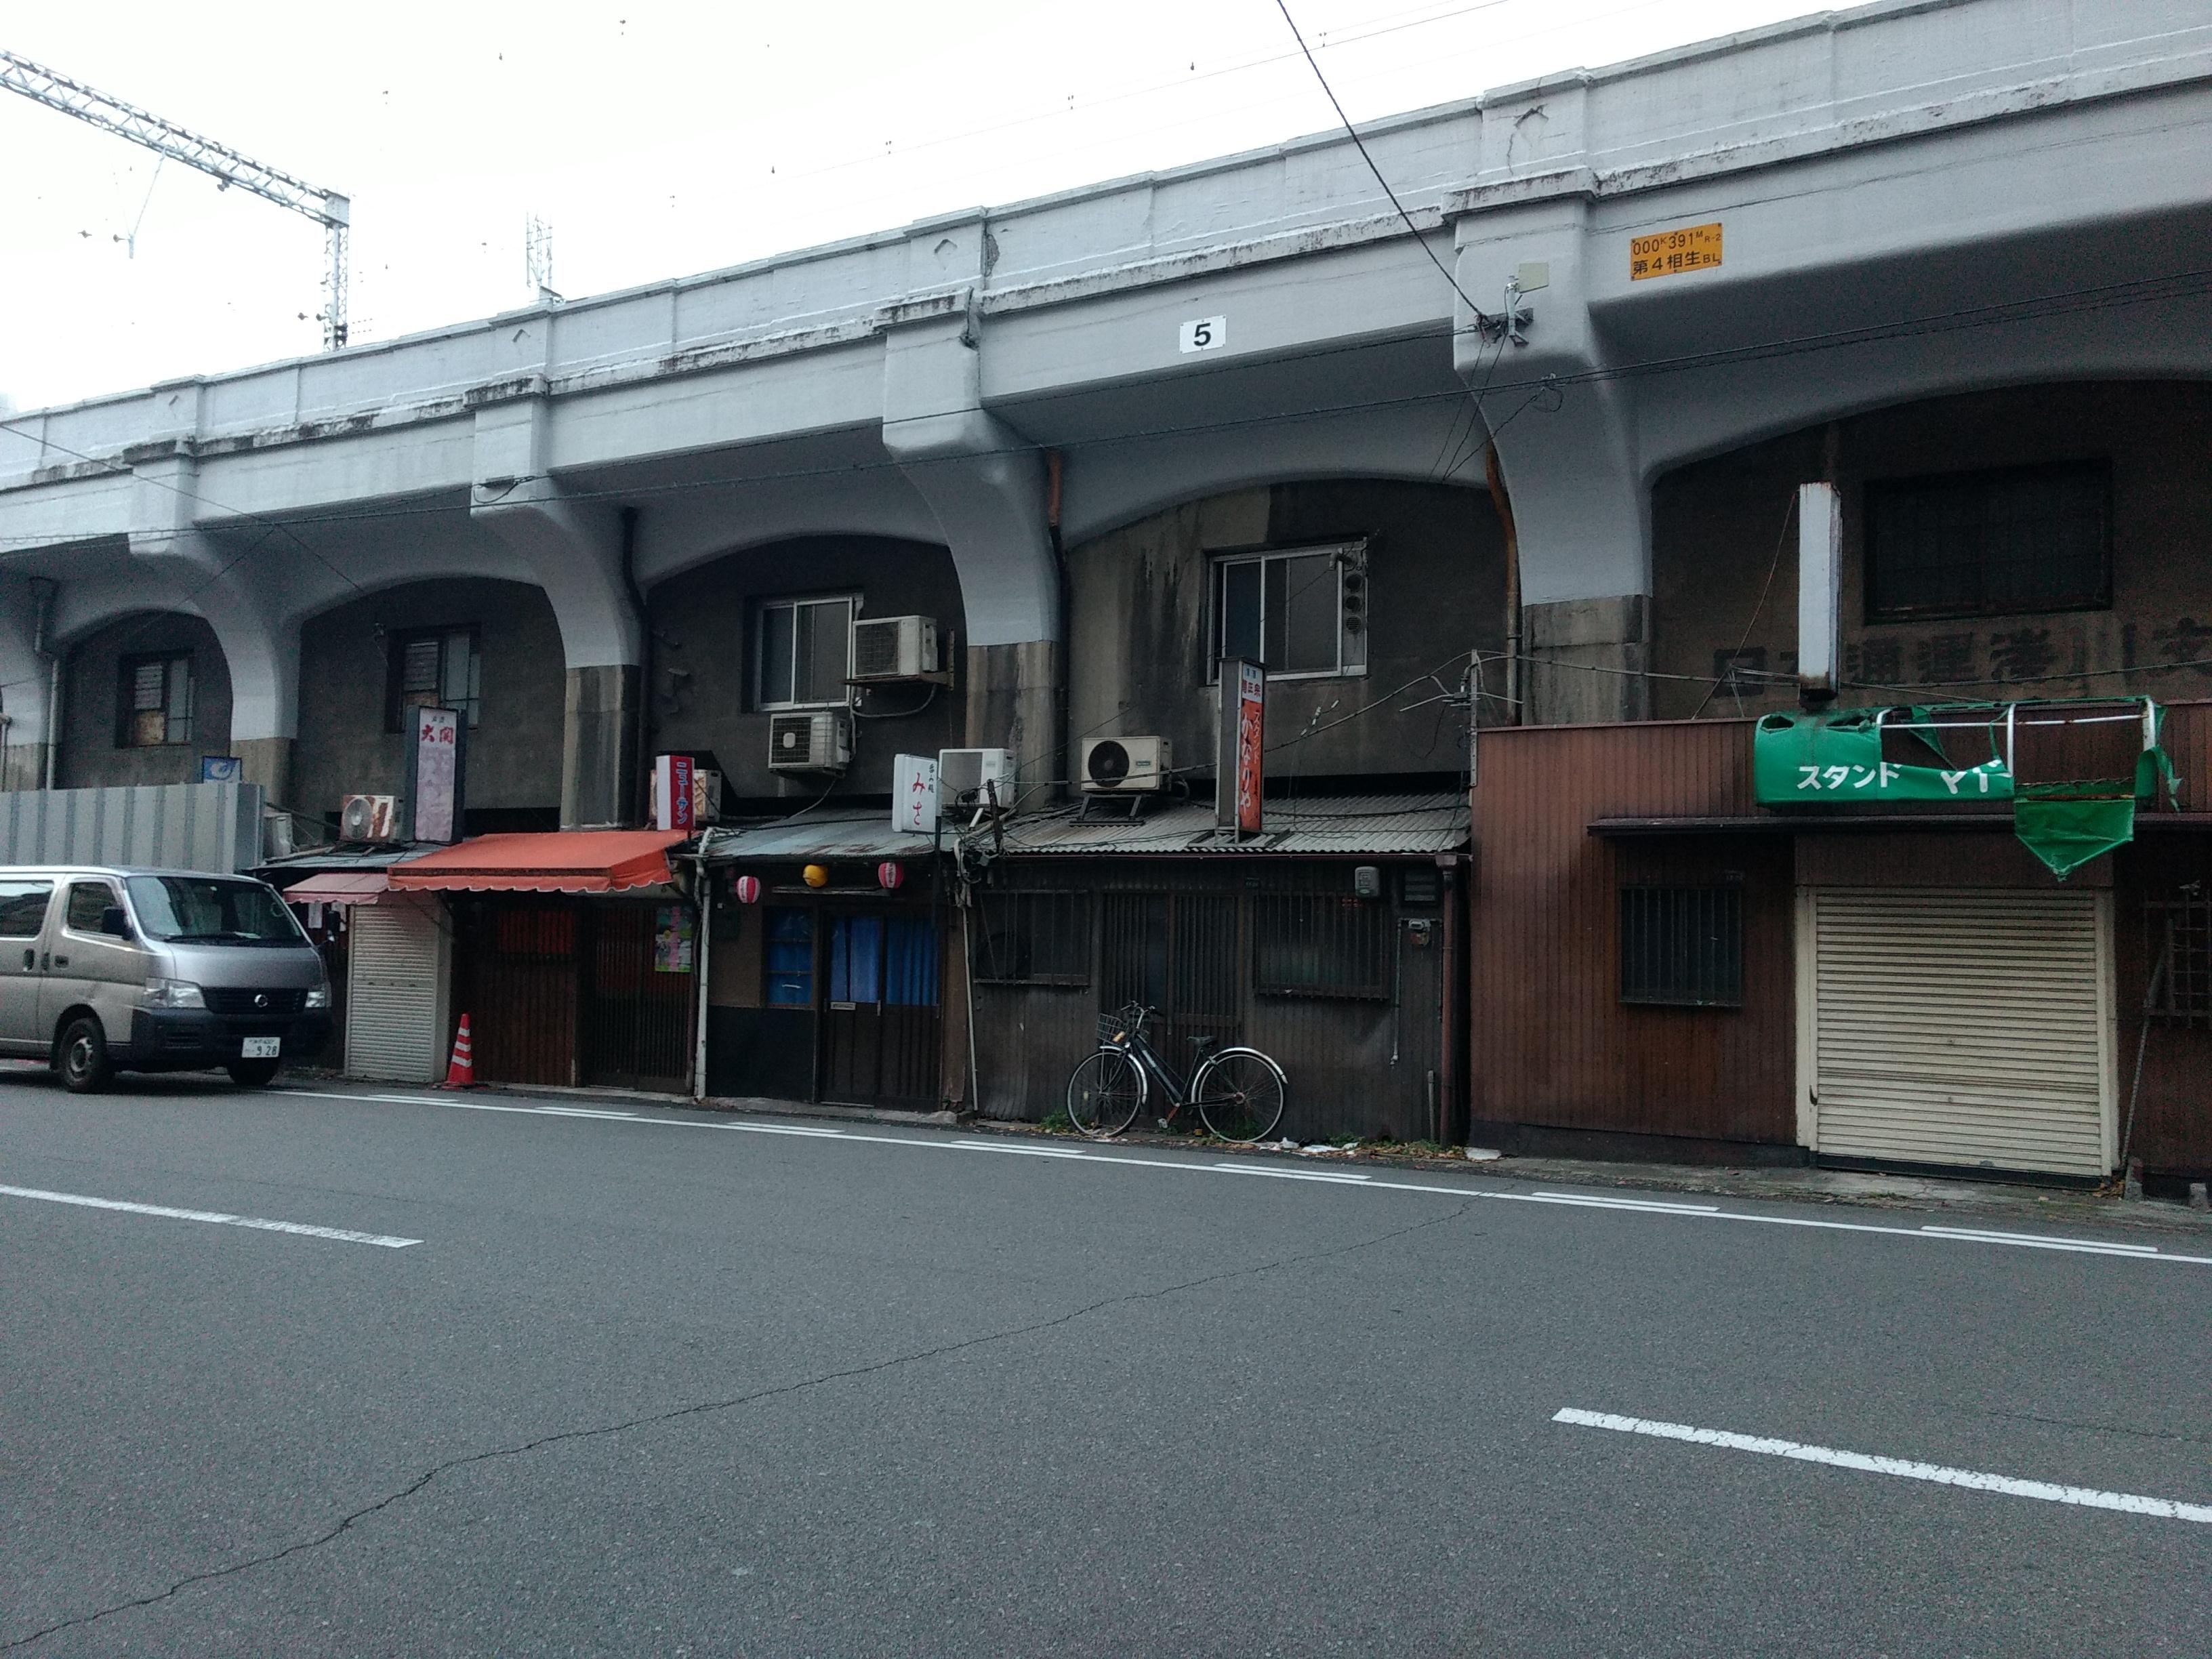 渋すぎる神戸駅の高架下の飲食店街 通称「地獄谷」を訪れた